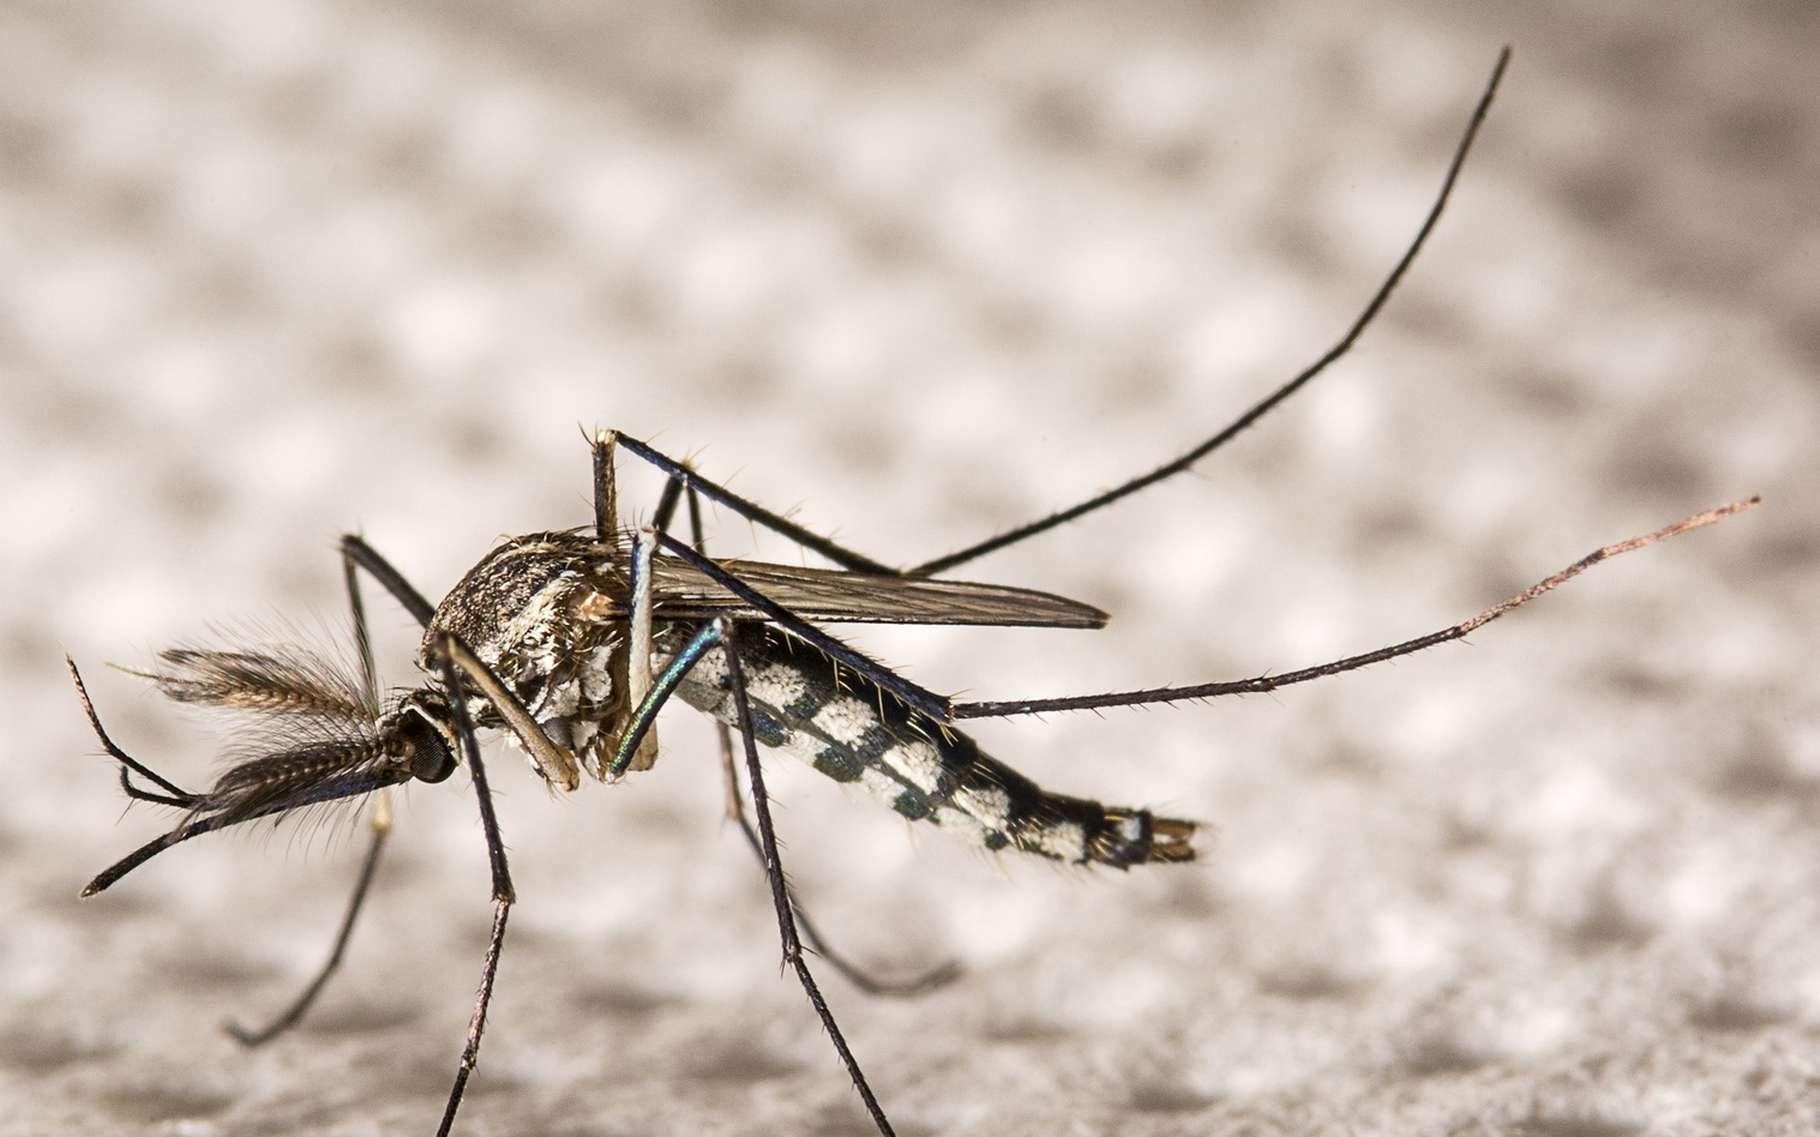 Le virus Zika, qui se transmet par la piqûre de moustique, est associé à la microcéphalie des nouveau-nés. Une recherche suggère pourtant qu'il pourrait être une arme contre le cancer du cerveau. © nuwatphoto, Shutterstock